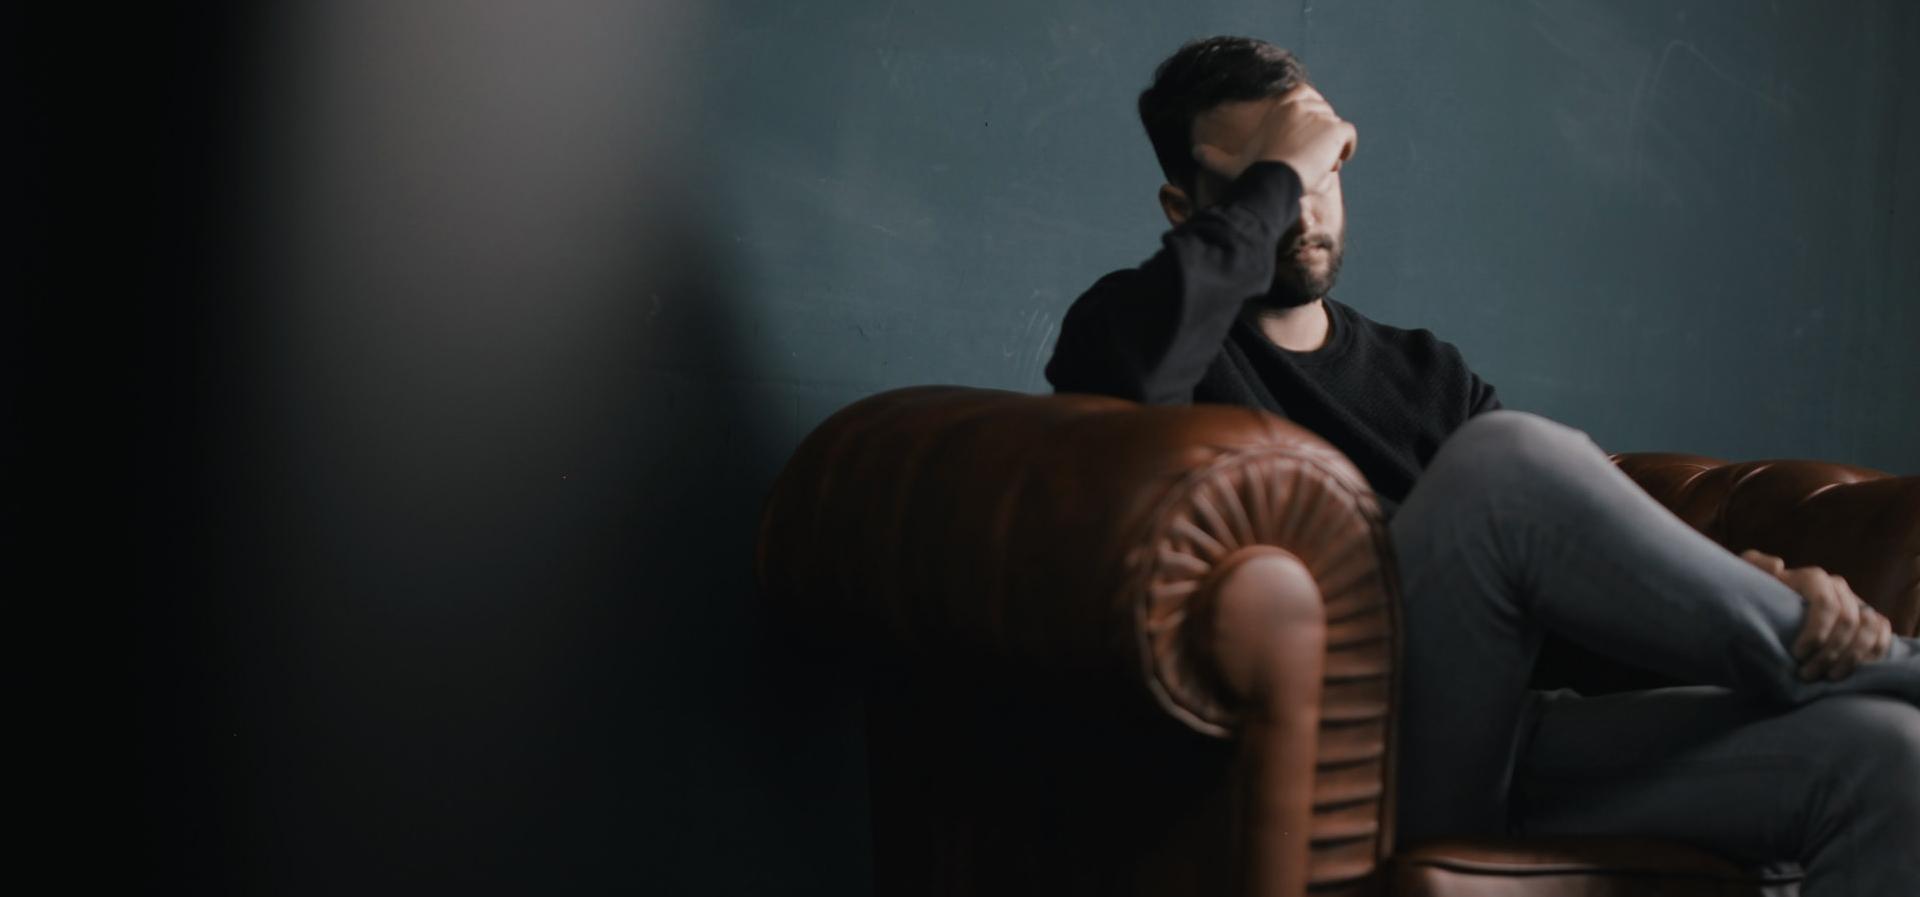 Intervenções psicoeducativas e promoção da saúde mental